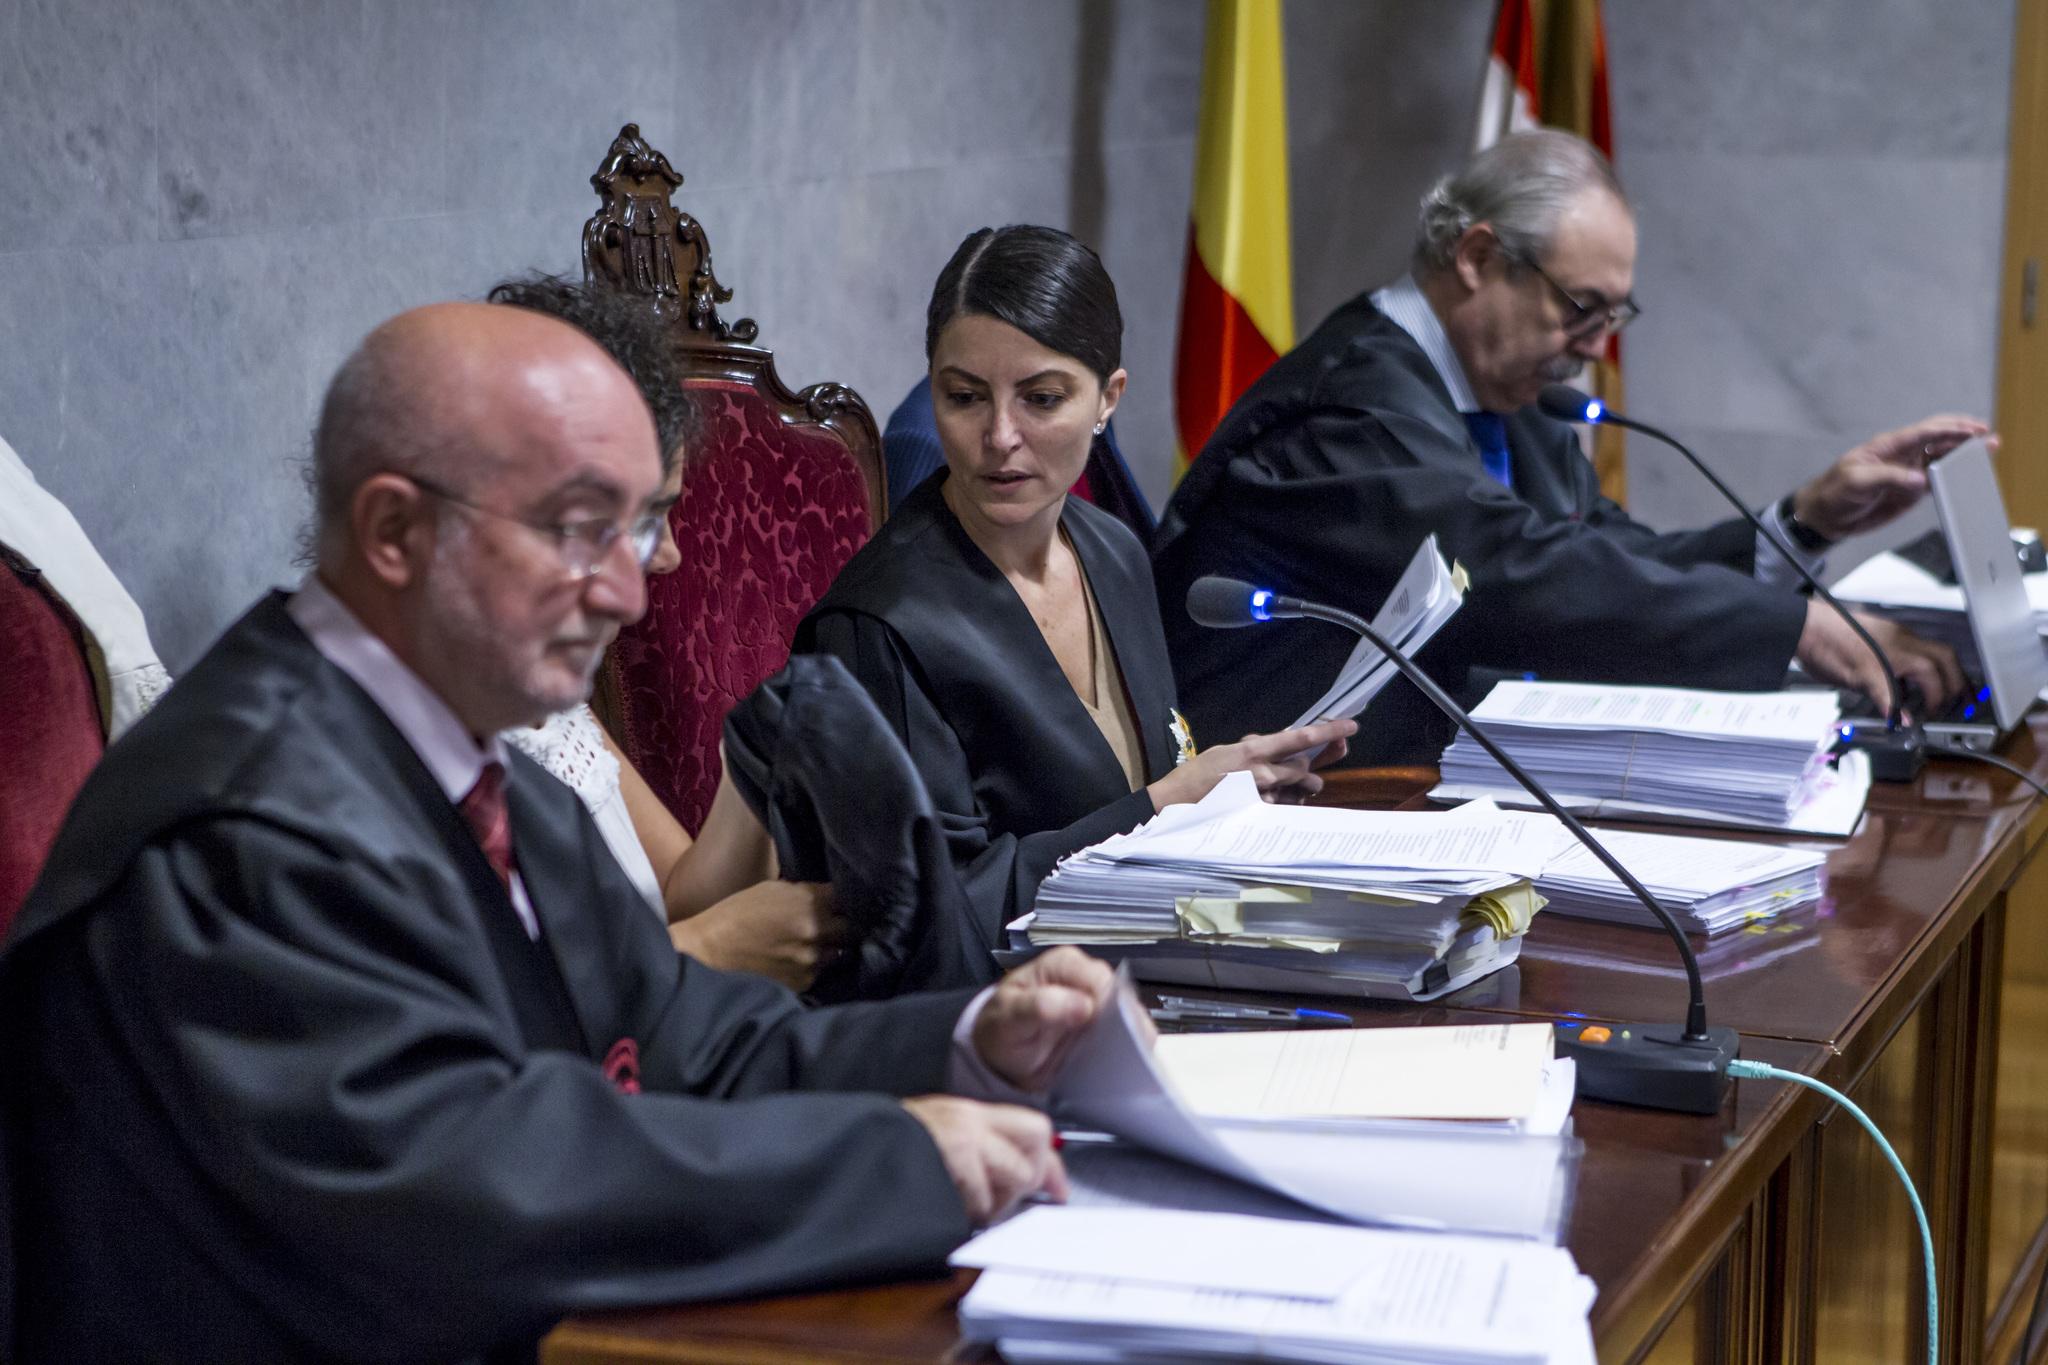 Macarena Olona junto al abogado Kepa Landa durante la vista oral del 'caso Karrantza'.